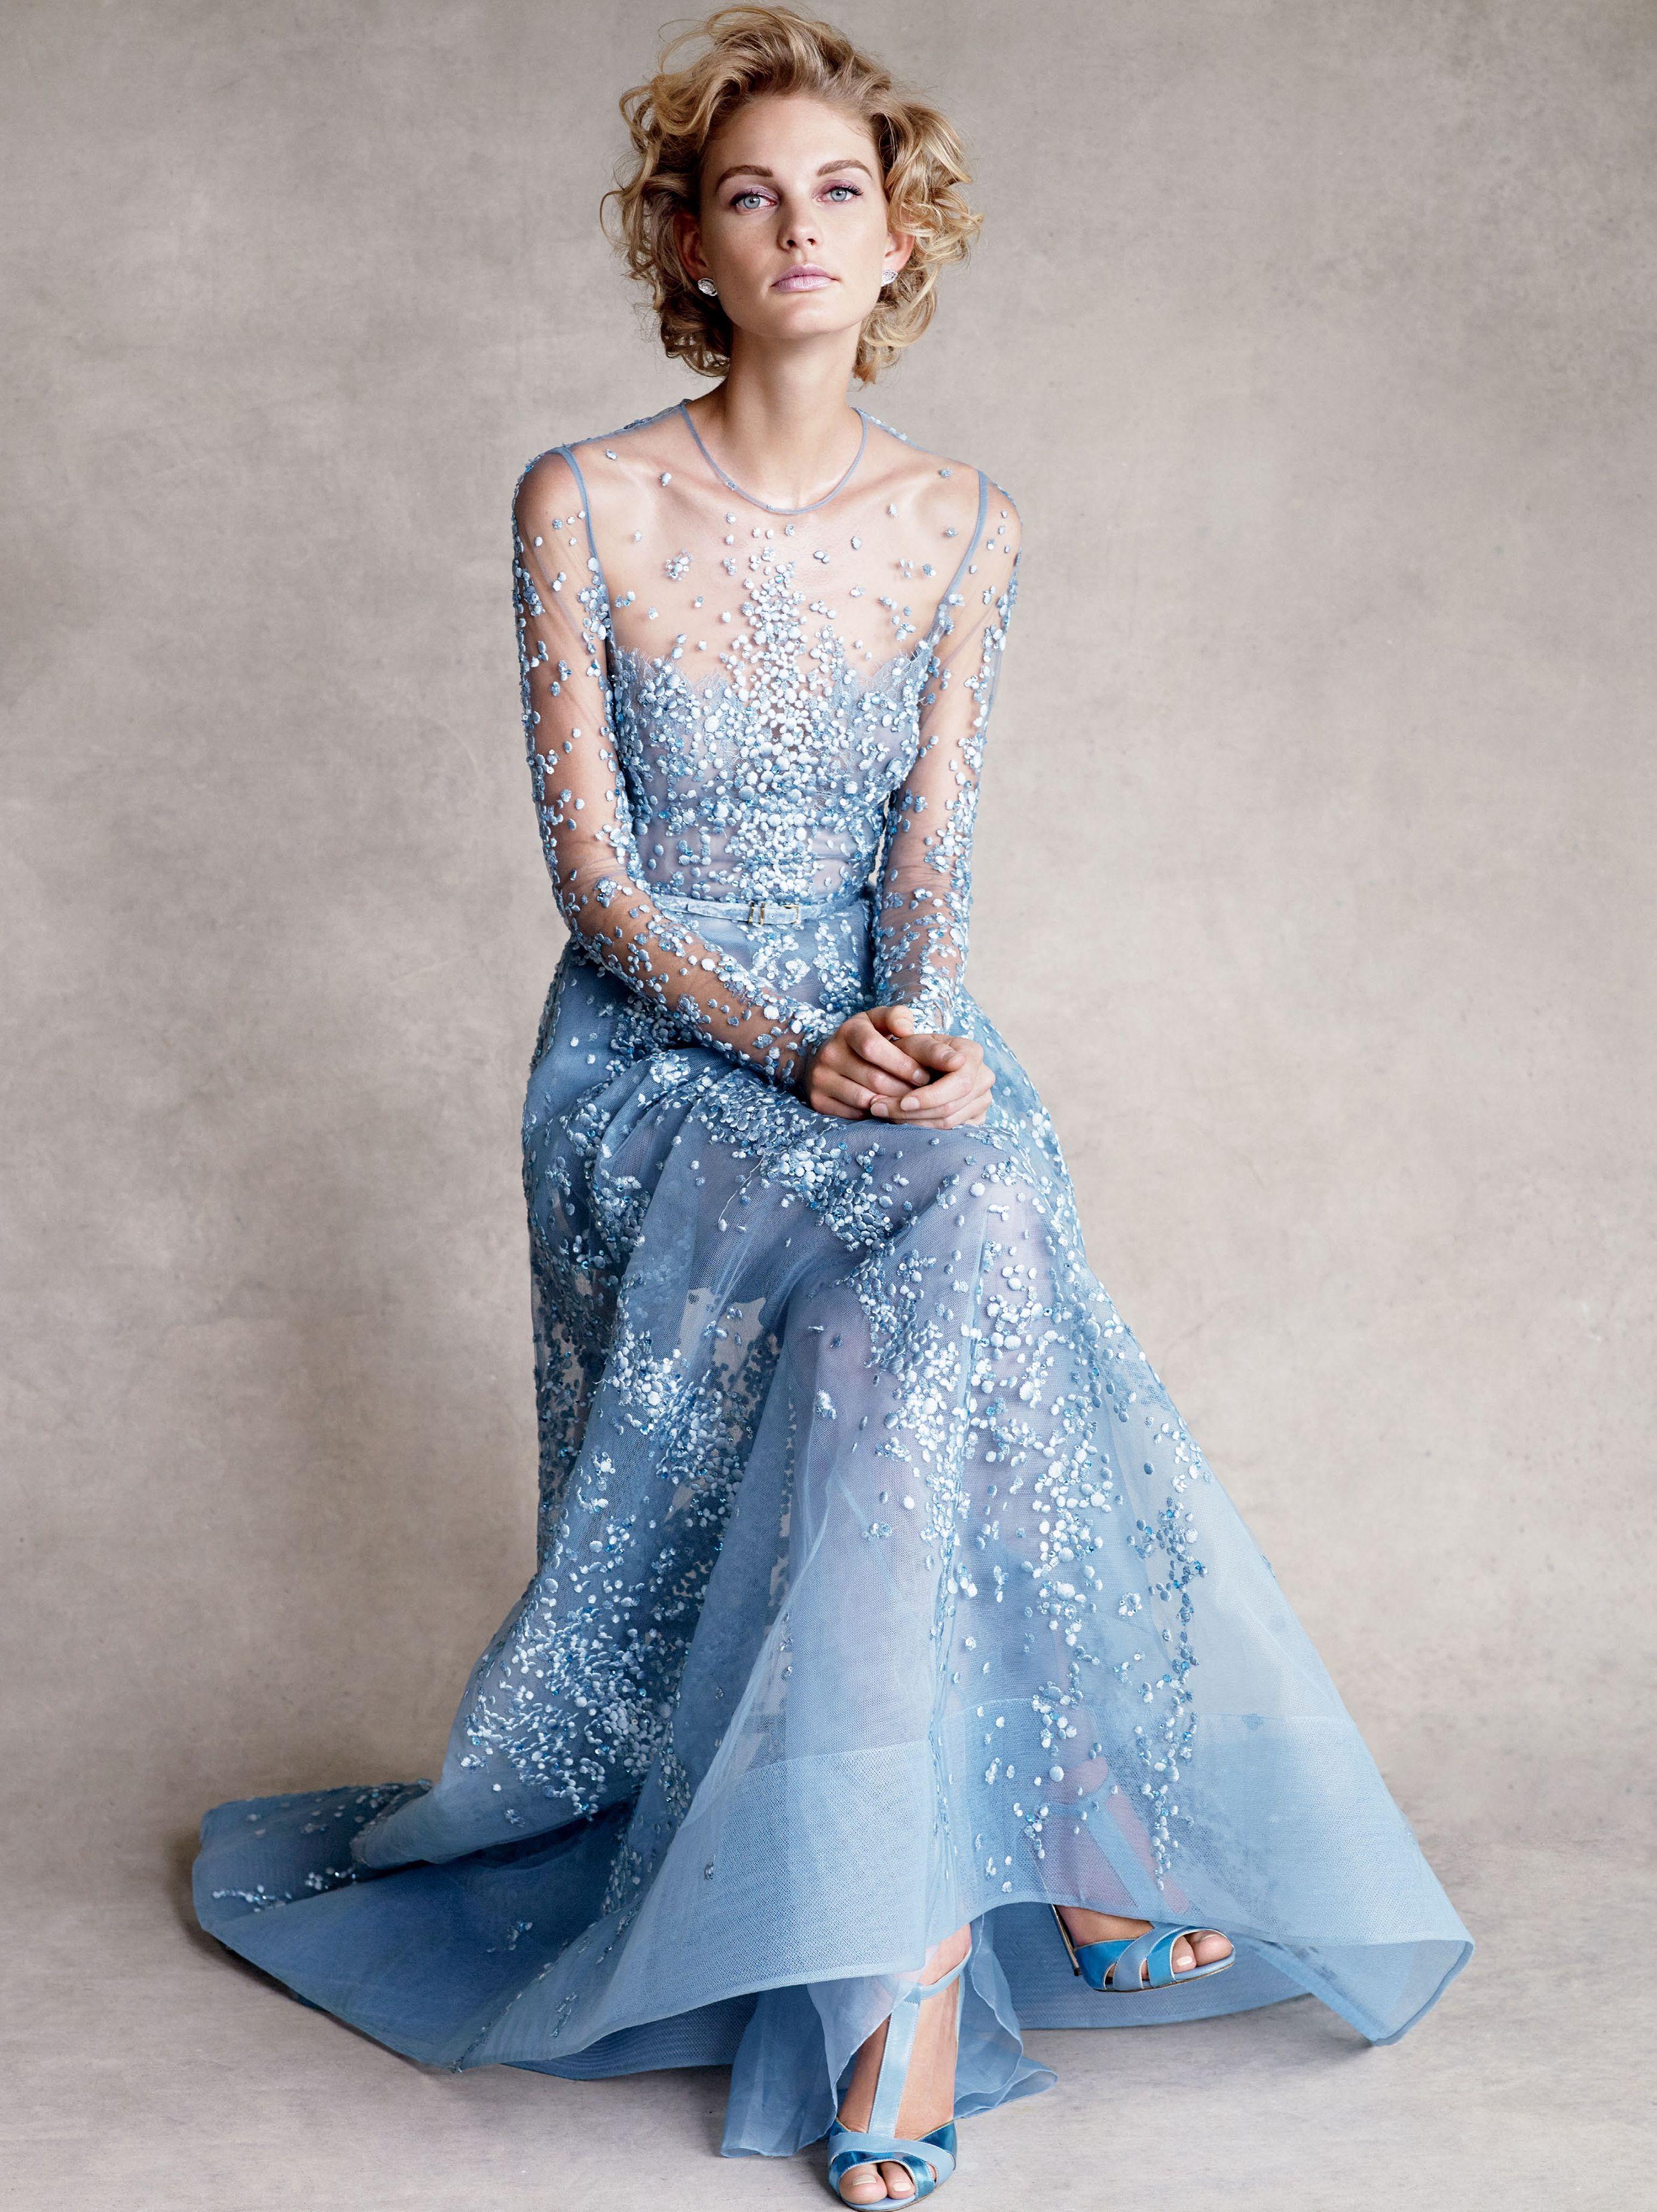 Pin de Kara Larcom en Dresses   Pinterest